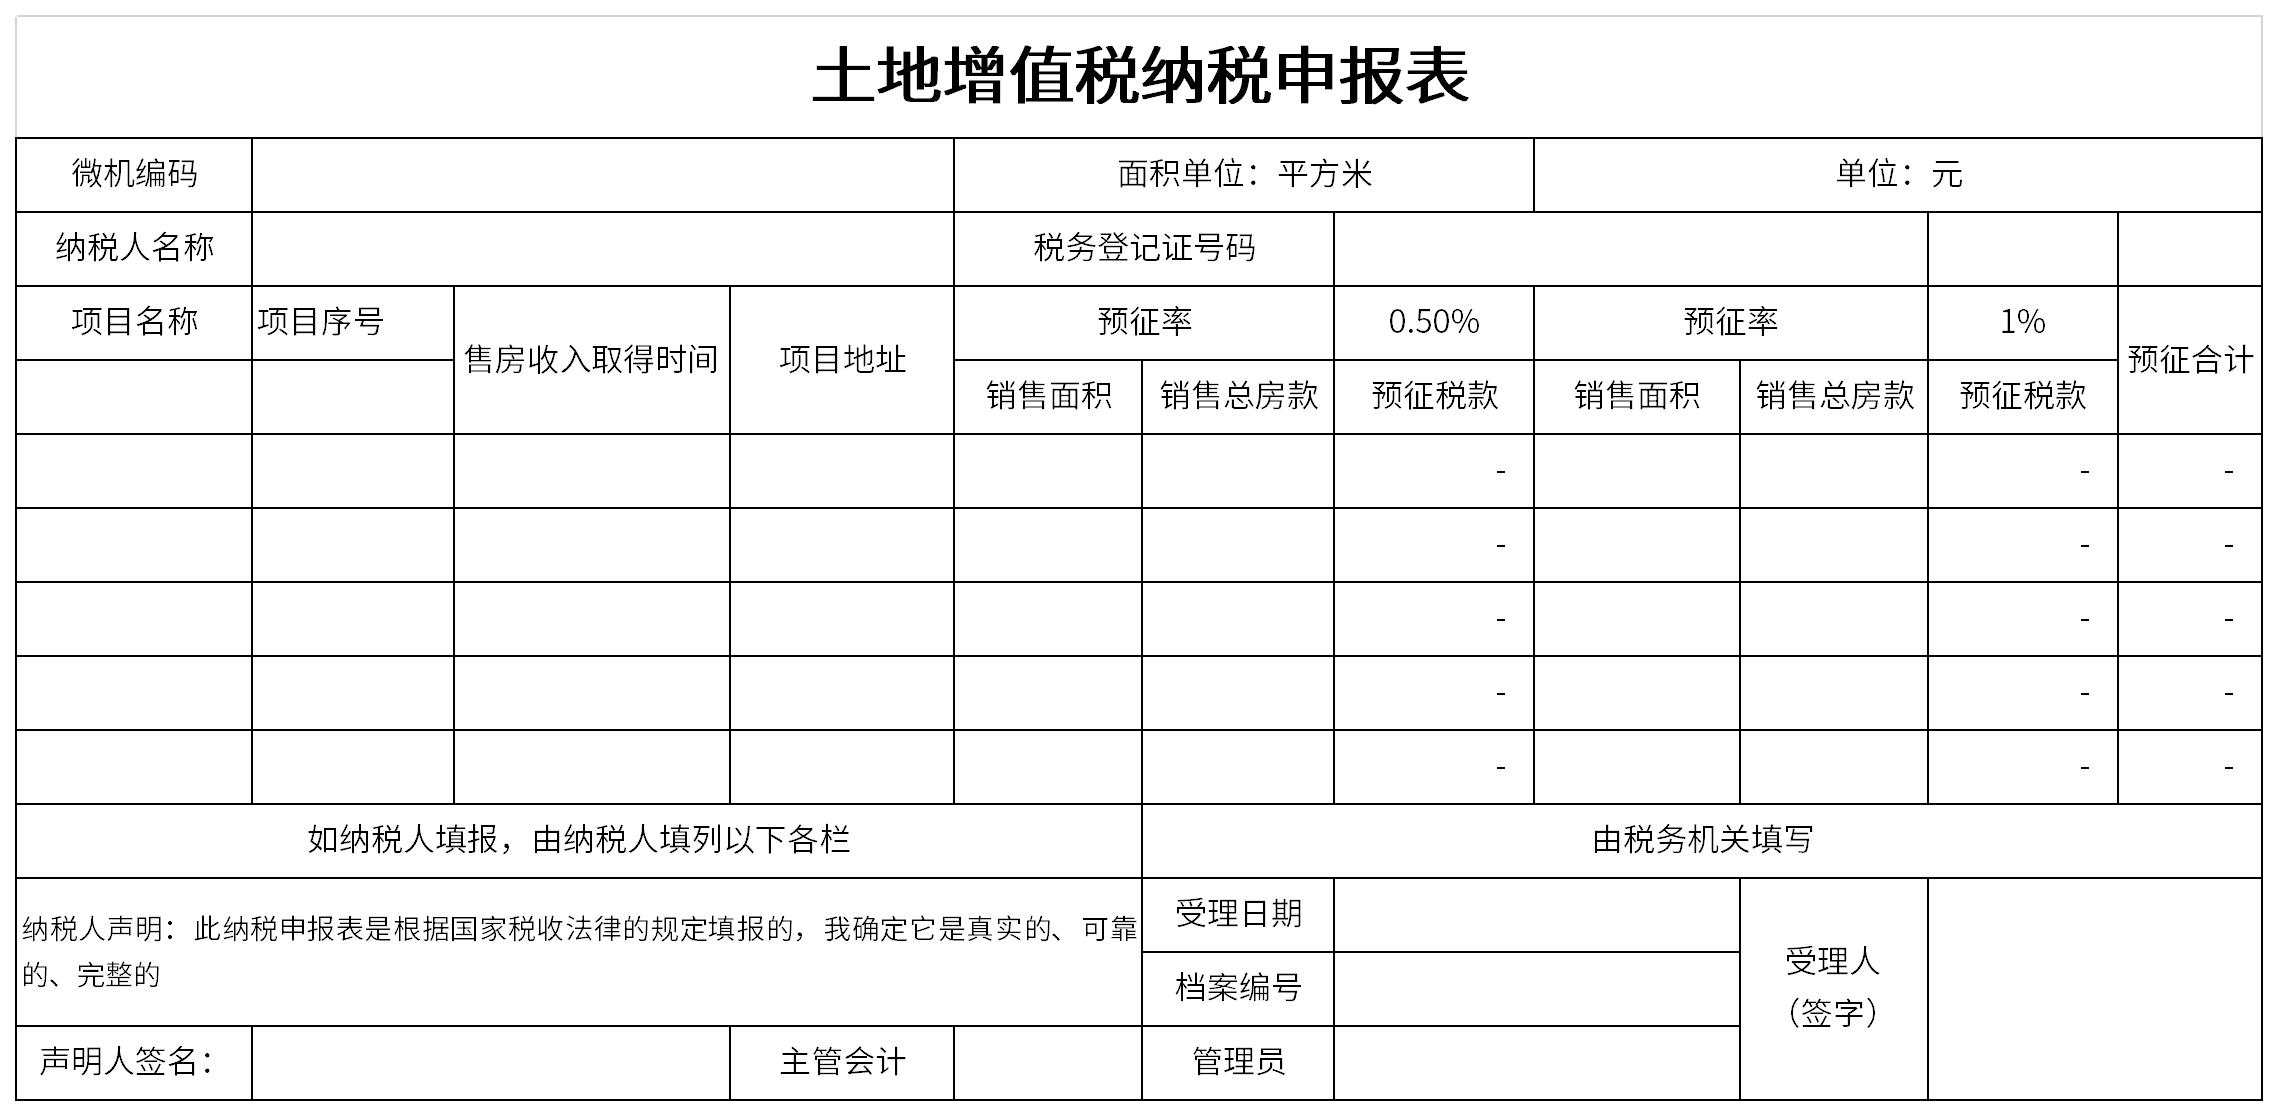 土地增值税纳税申报表截图